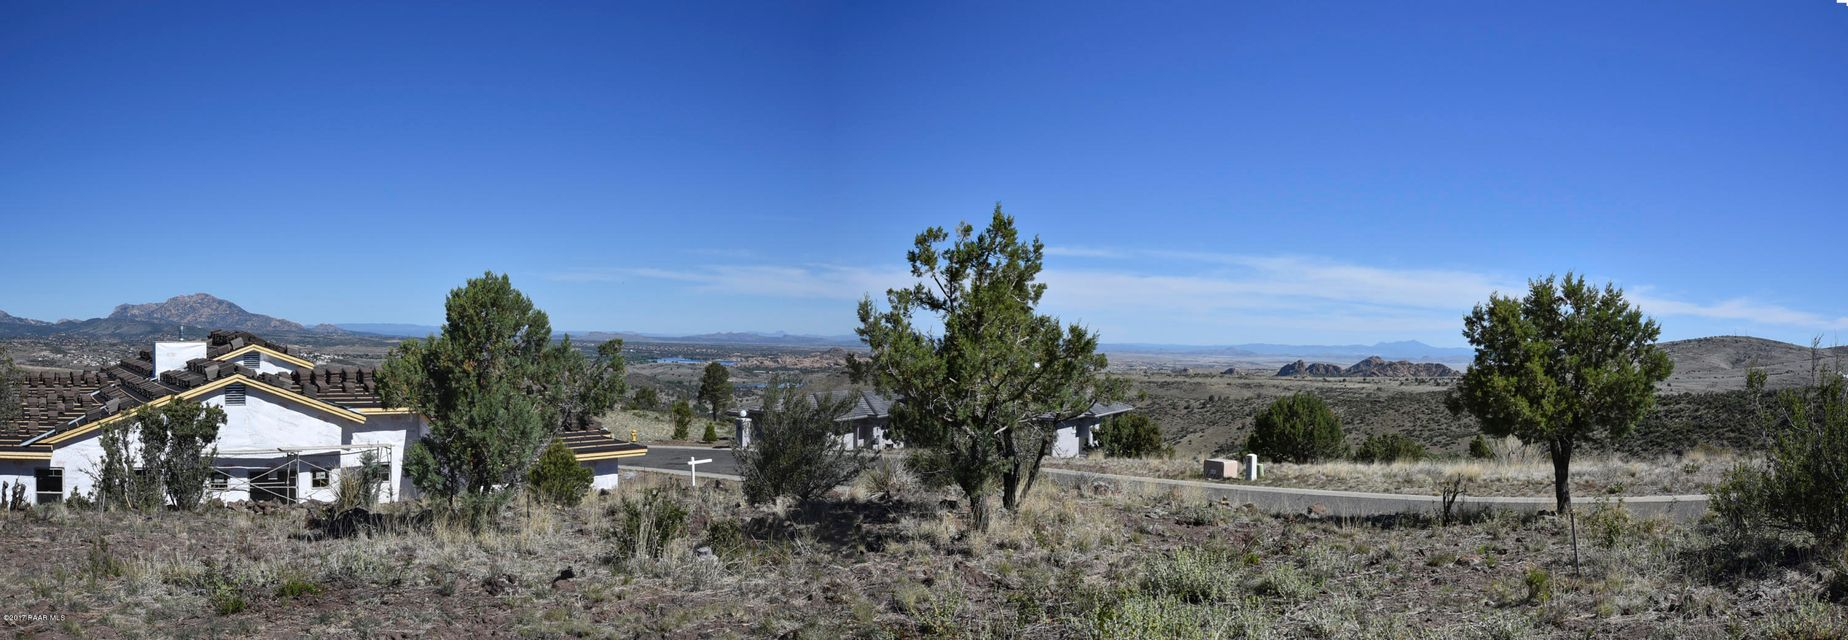 3267 Bar Circle A Road Prescott, AZ 86303 - MLS #: 1007674